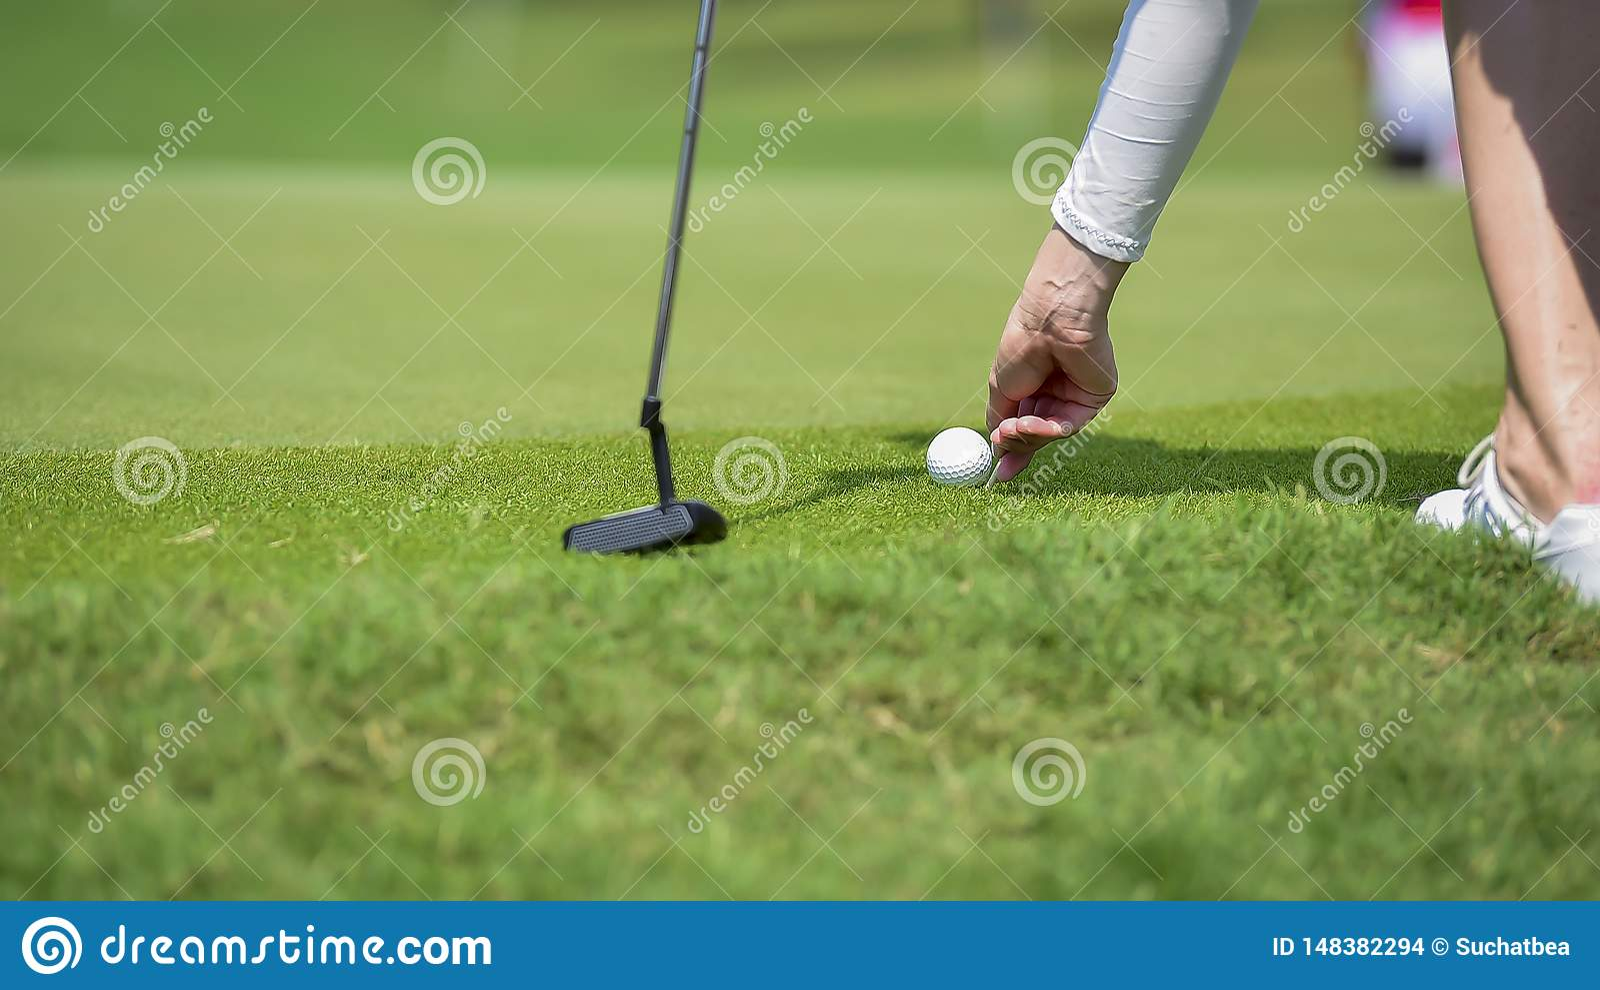 高尔夫球运动员由从发球区域箱子的高尔夫俱乐部推挤高尔夫球在竞争比赛的高尔夫球场